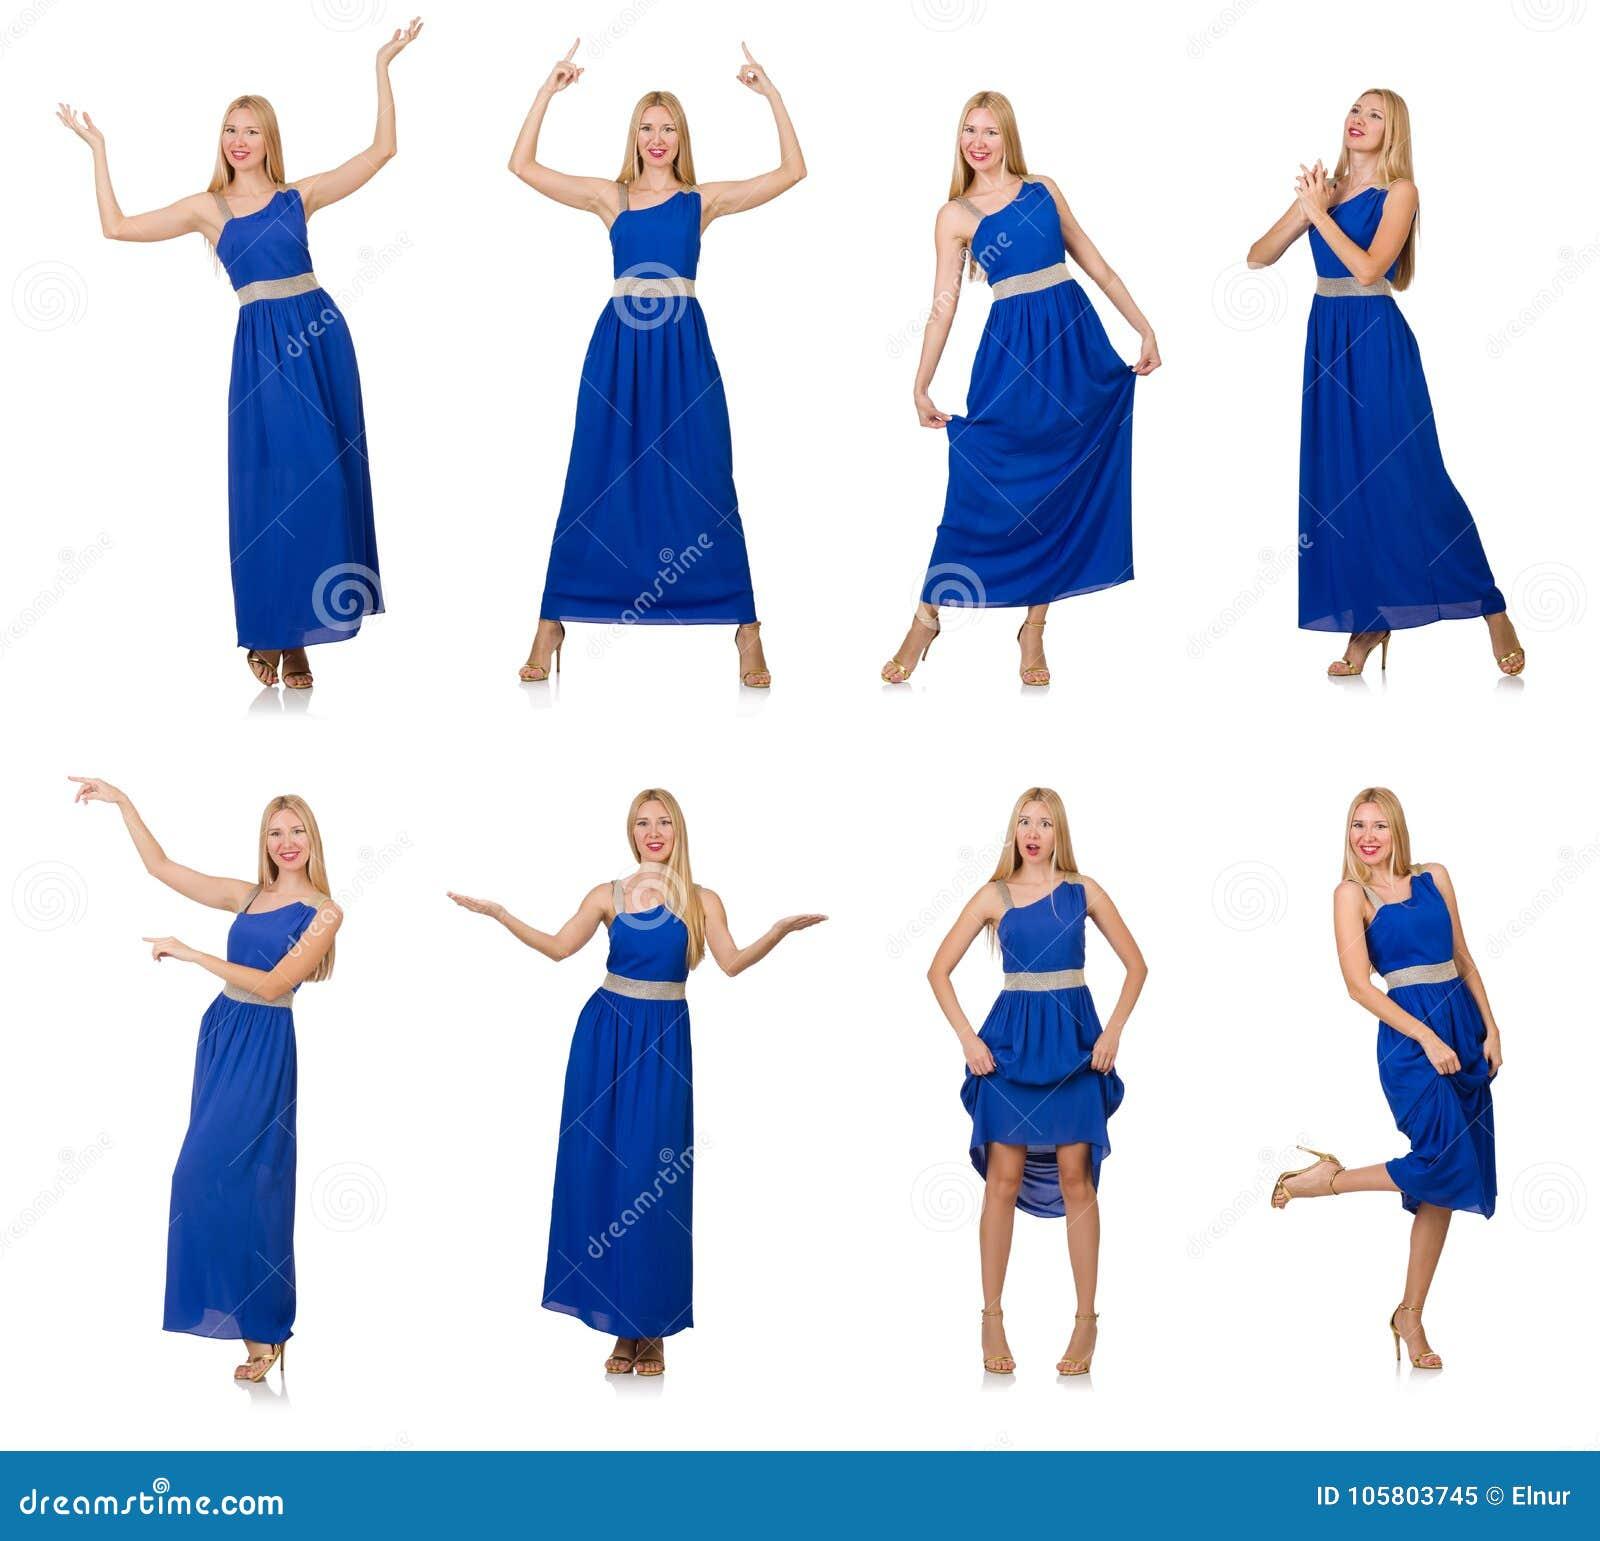 La Mujer Hermosa En El Vestido Azul Largo Aislado En Blanco